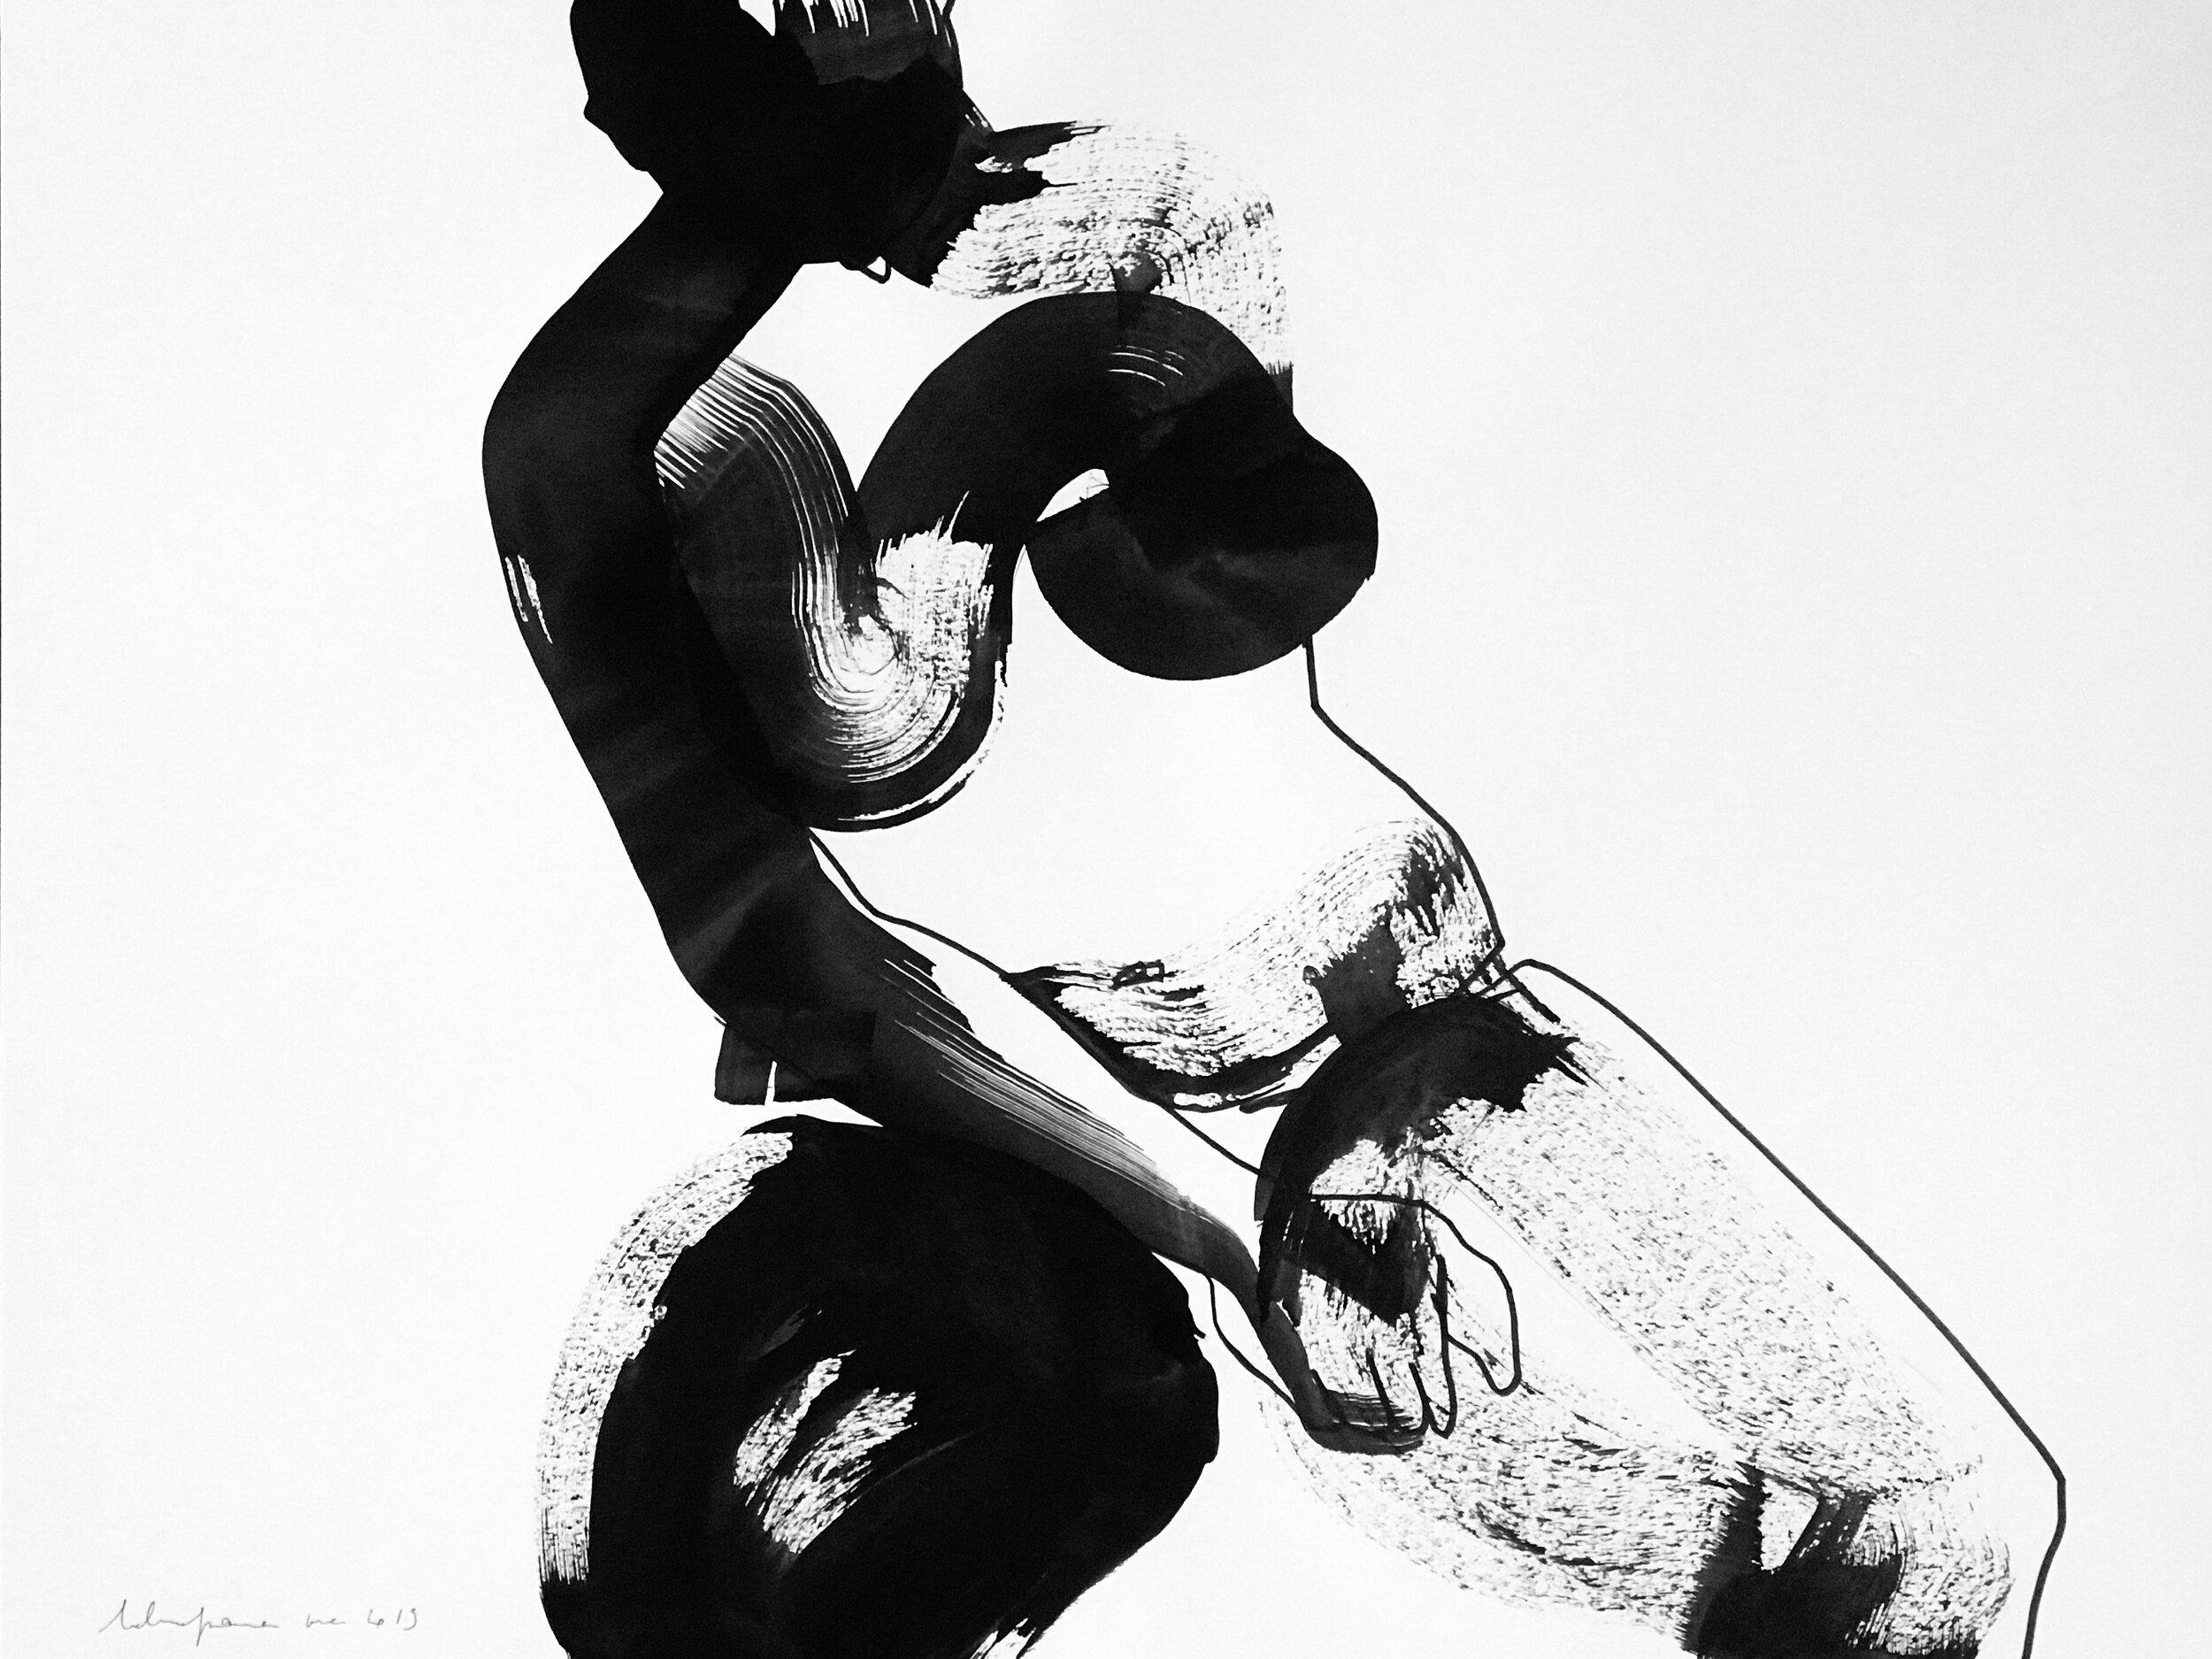 Sophie (2019) Encre de chine et feutre sur papier 65 x 50 cm